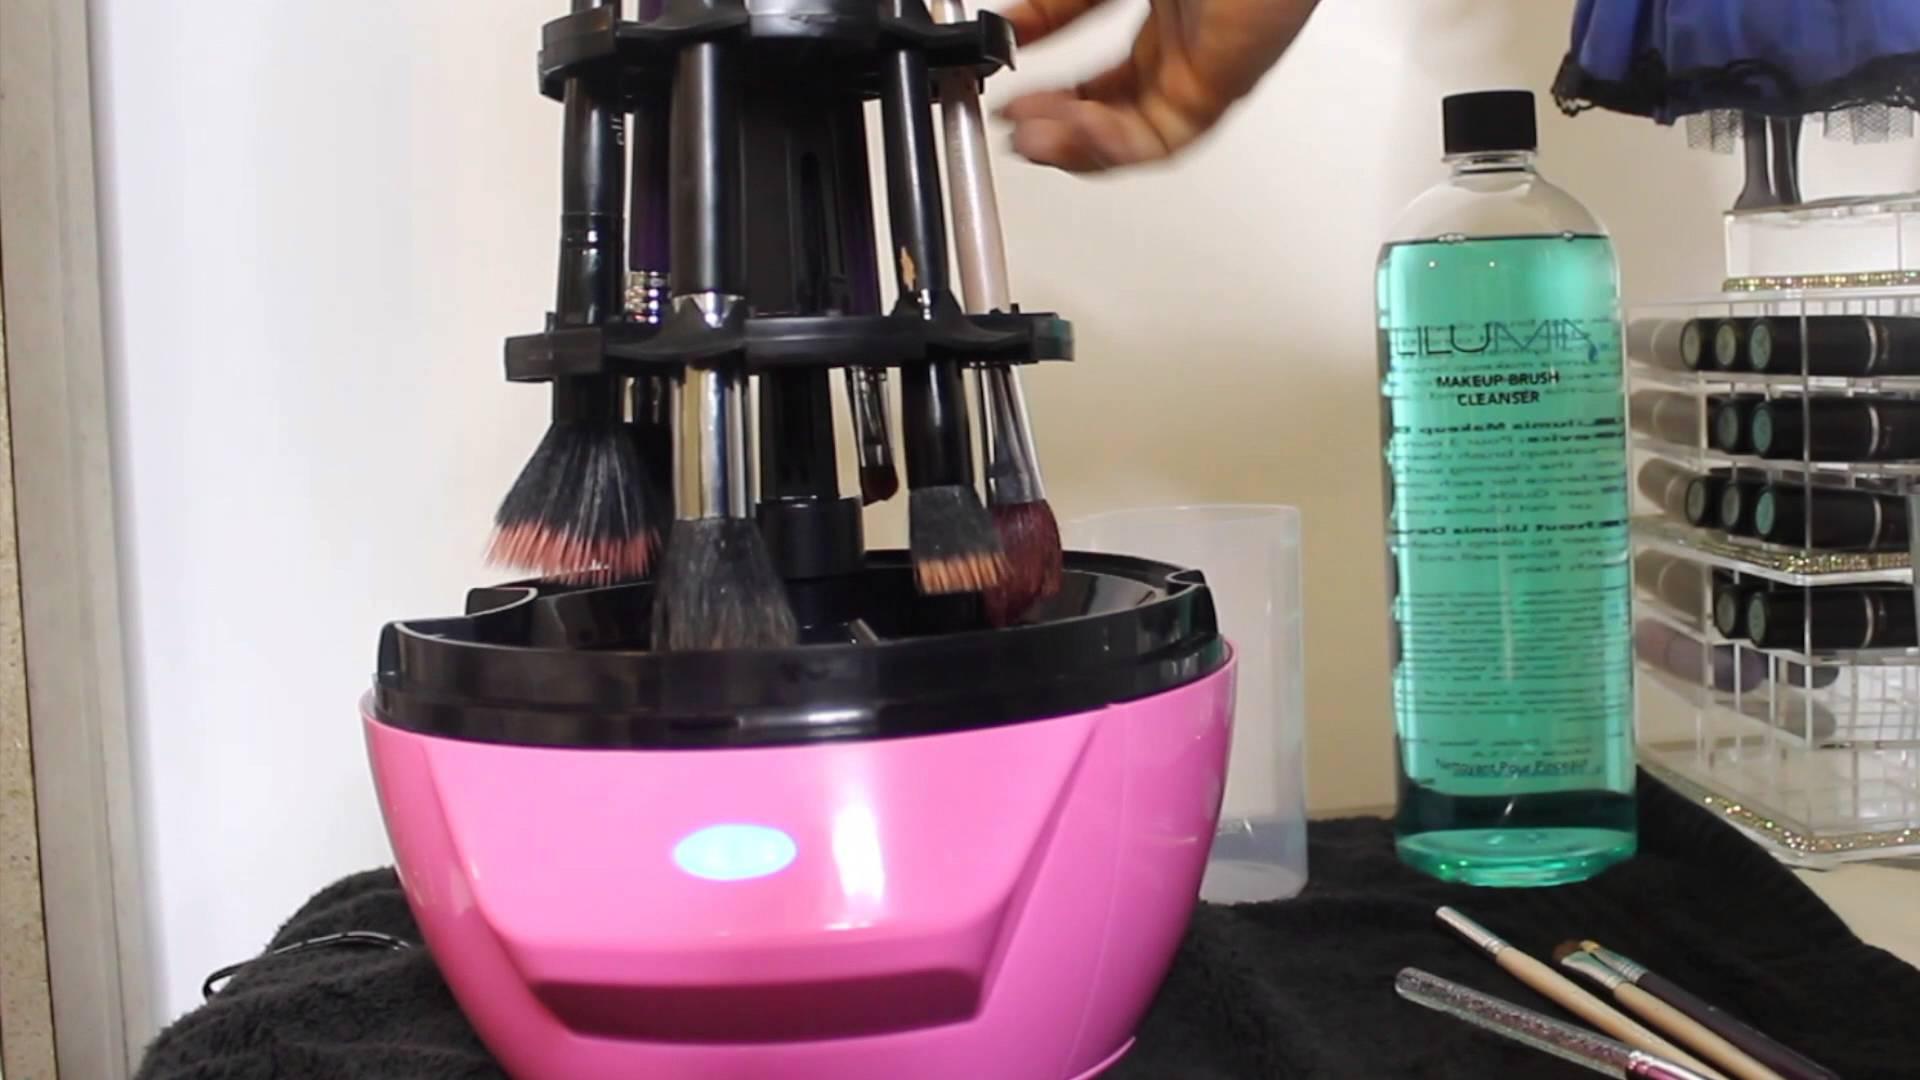 Makyaj fırçası temizleme makinesi Lilumia